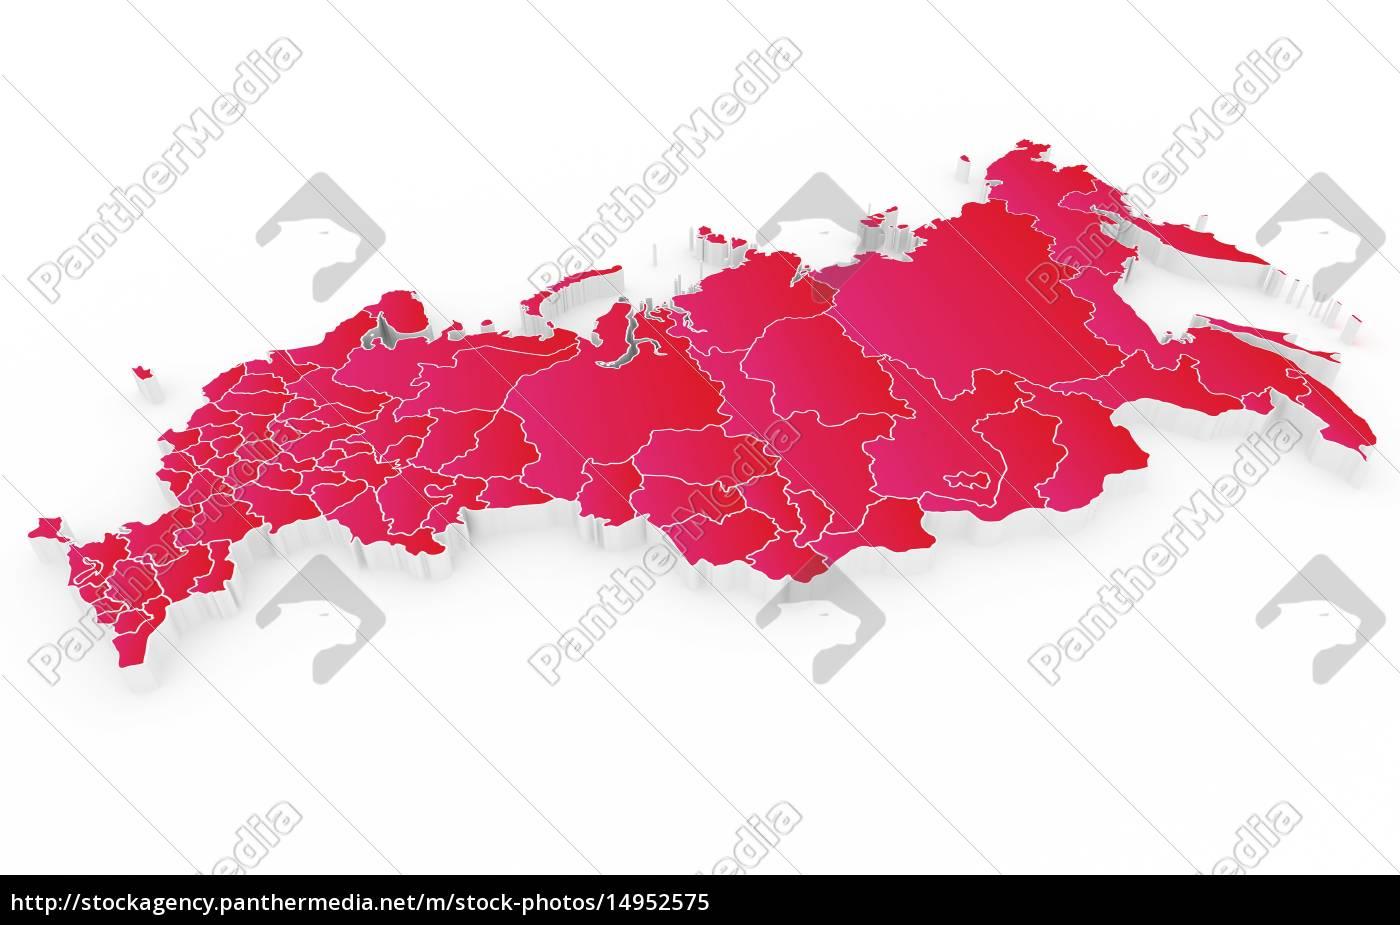 Nyt Kort Over Den Russiske Foderation Og Krim Royalty Free Image